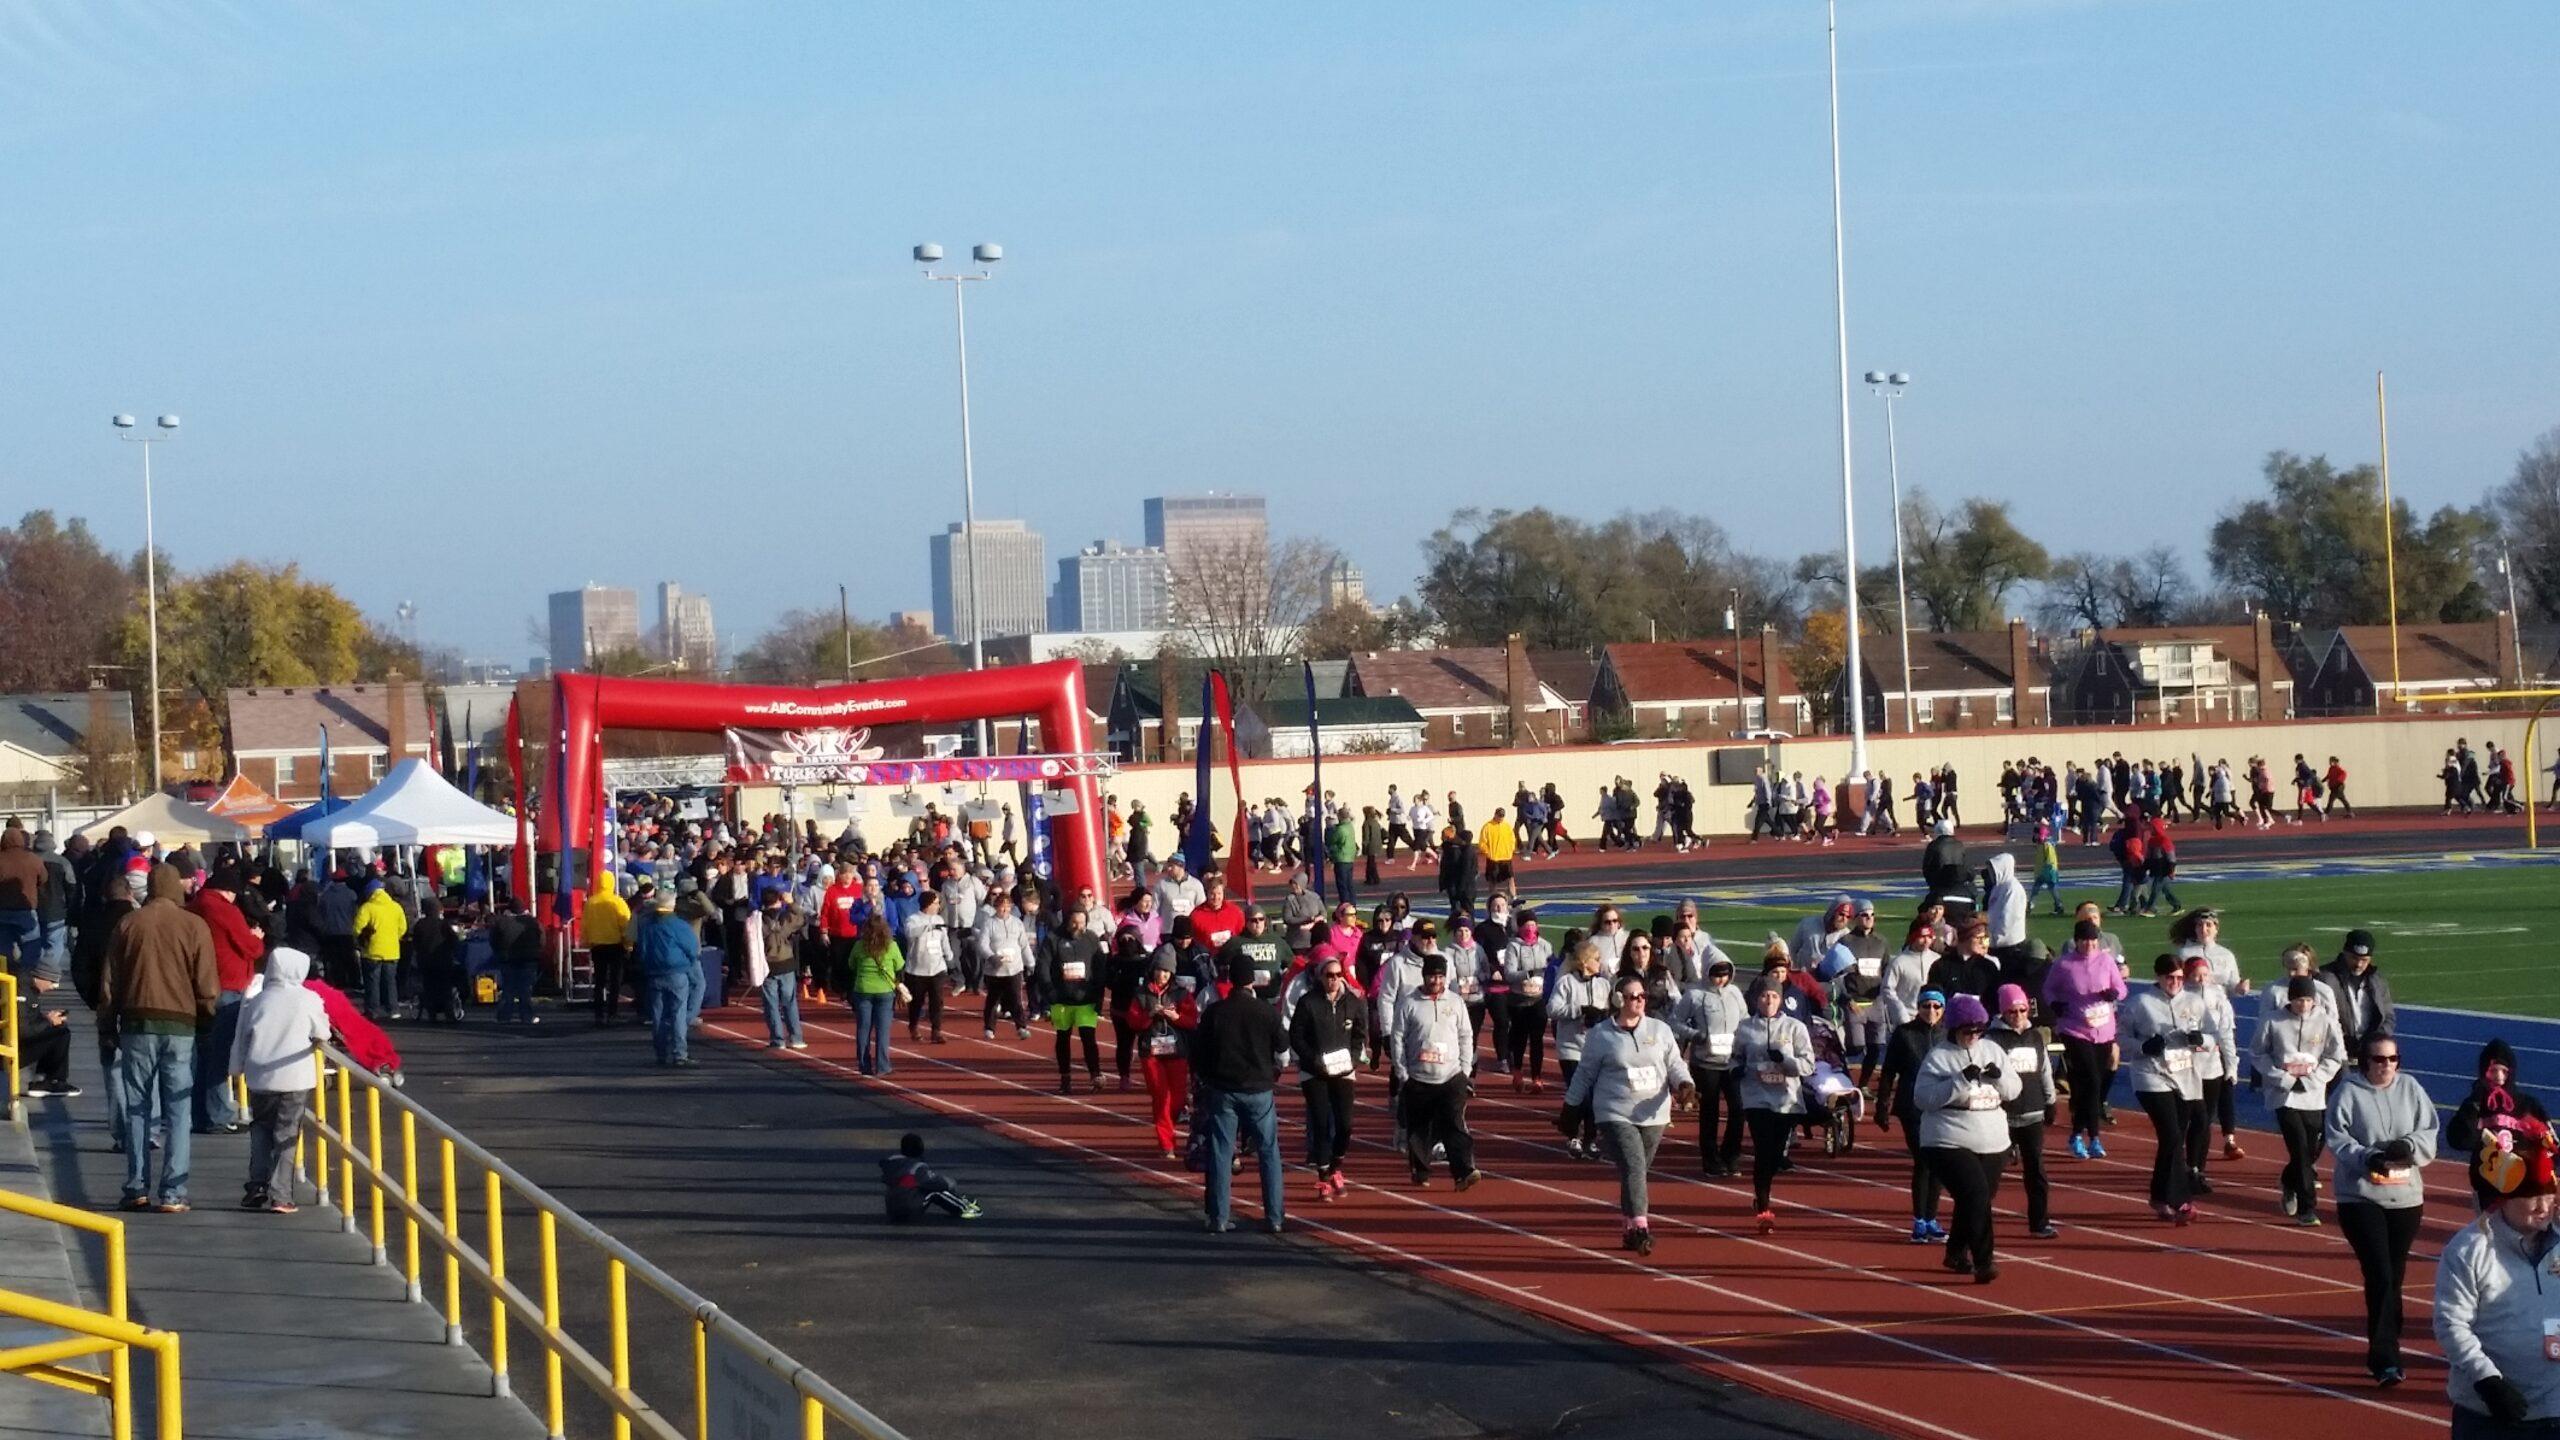 Mass Race Participant Start Line - USA and Ohio Race Timing & Event Management 5k 10k Half Marathon Marathon